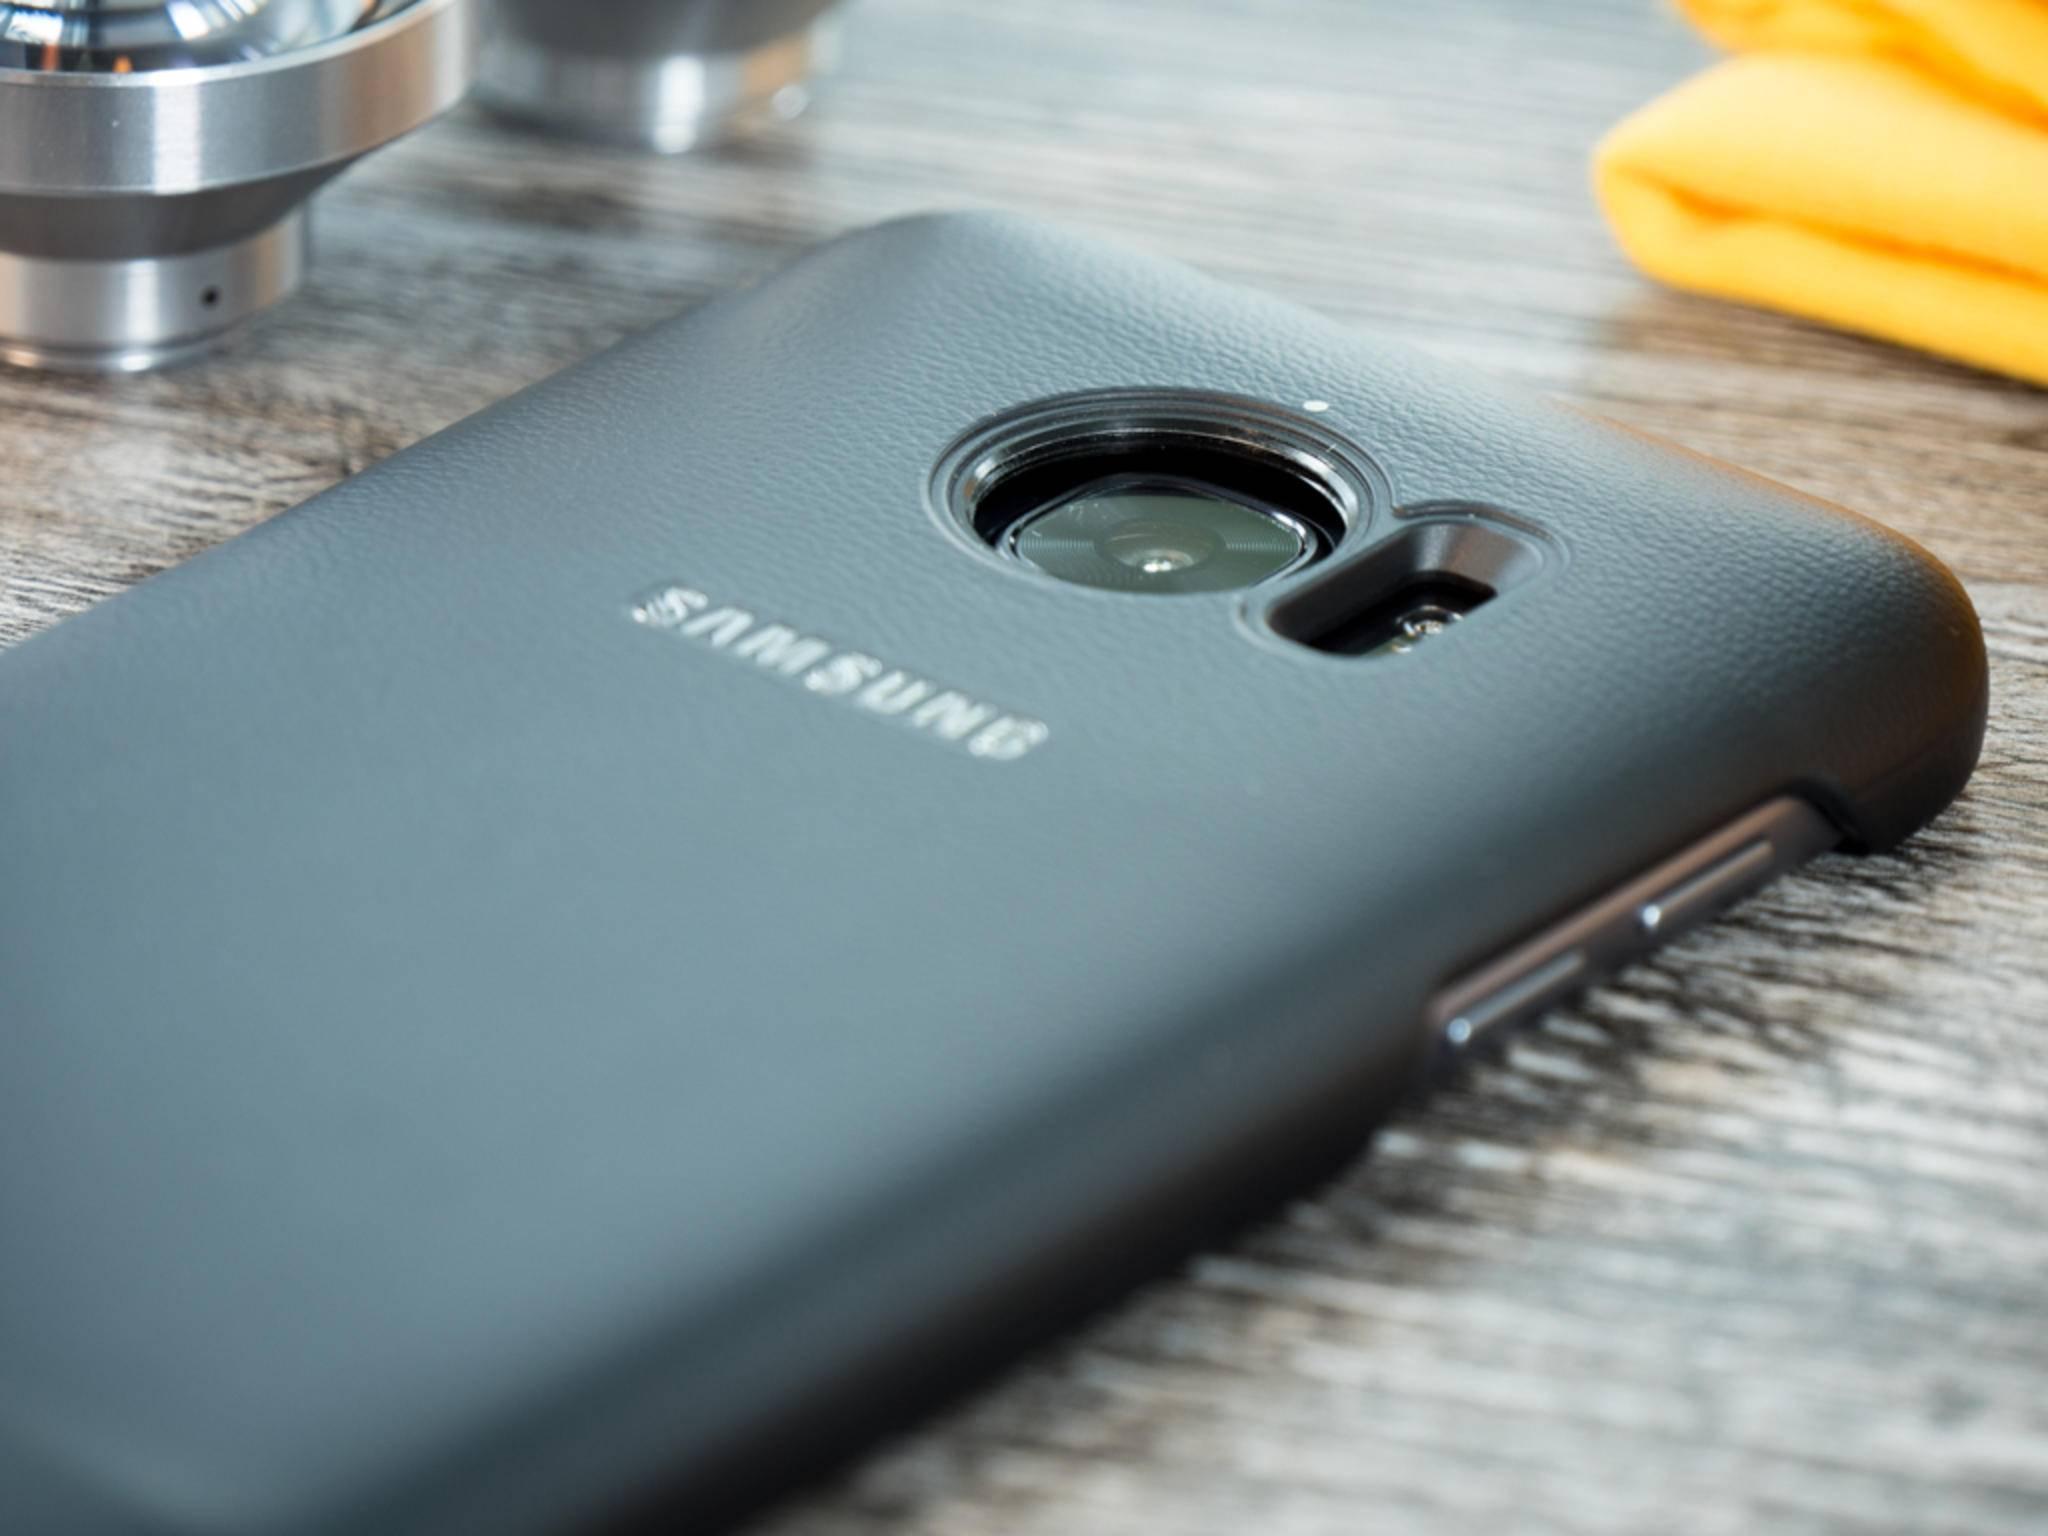 Ohne das Cover können sie aber nicht am Galaxy S7 befestigt werden.